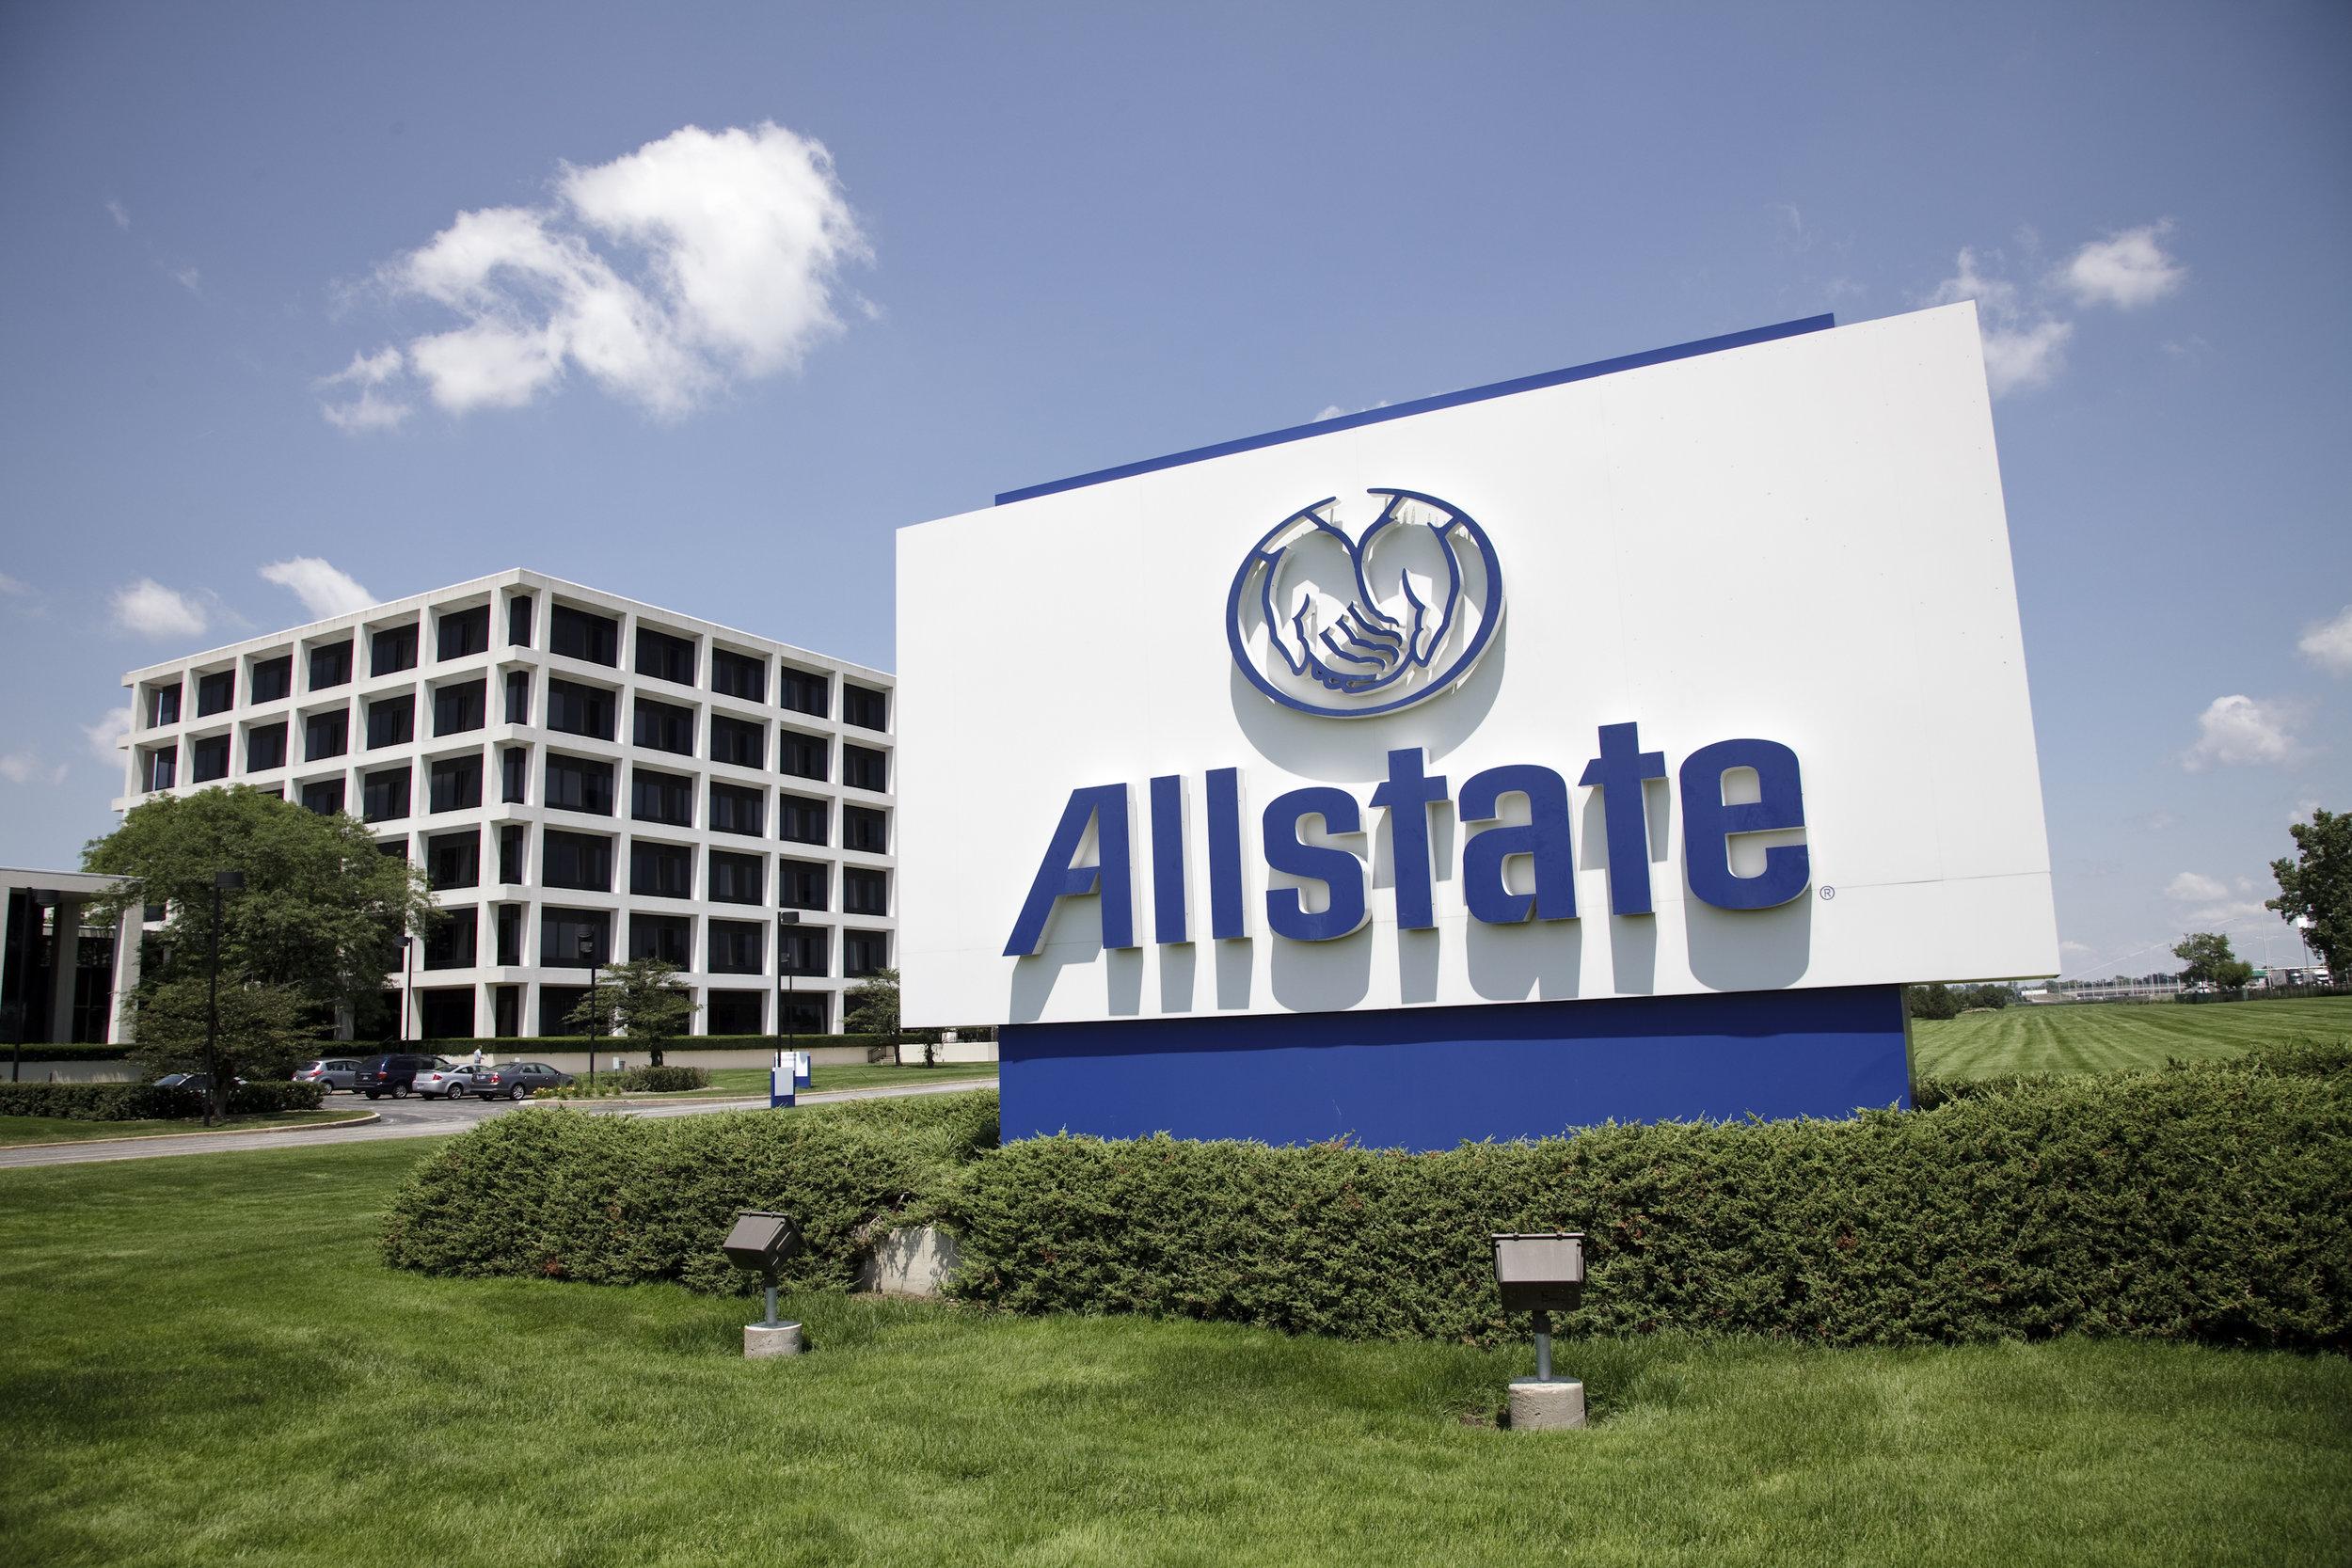 allstate-corporate-headquarters.jpg